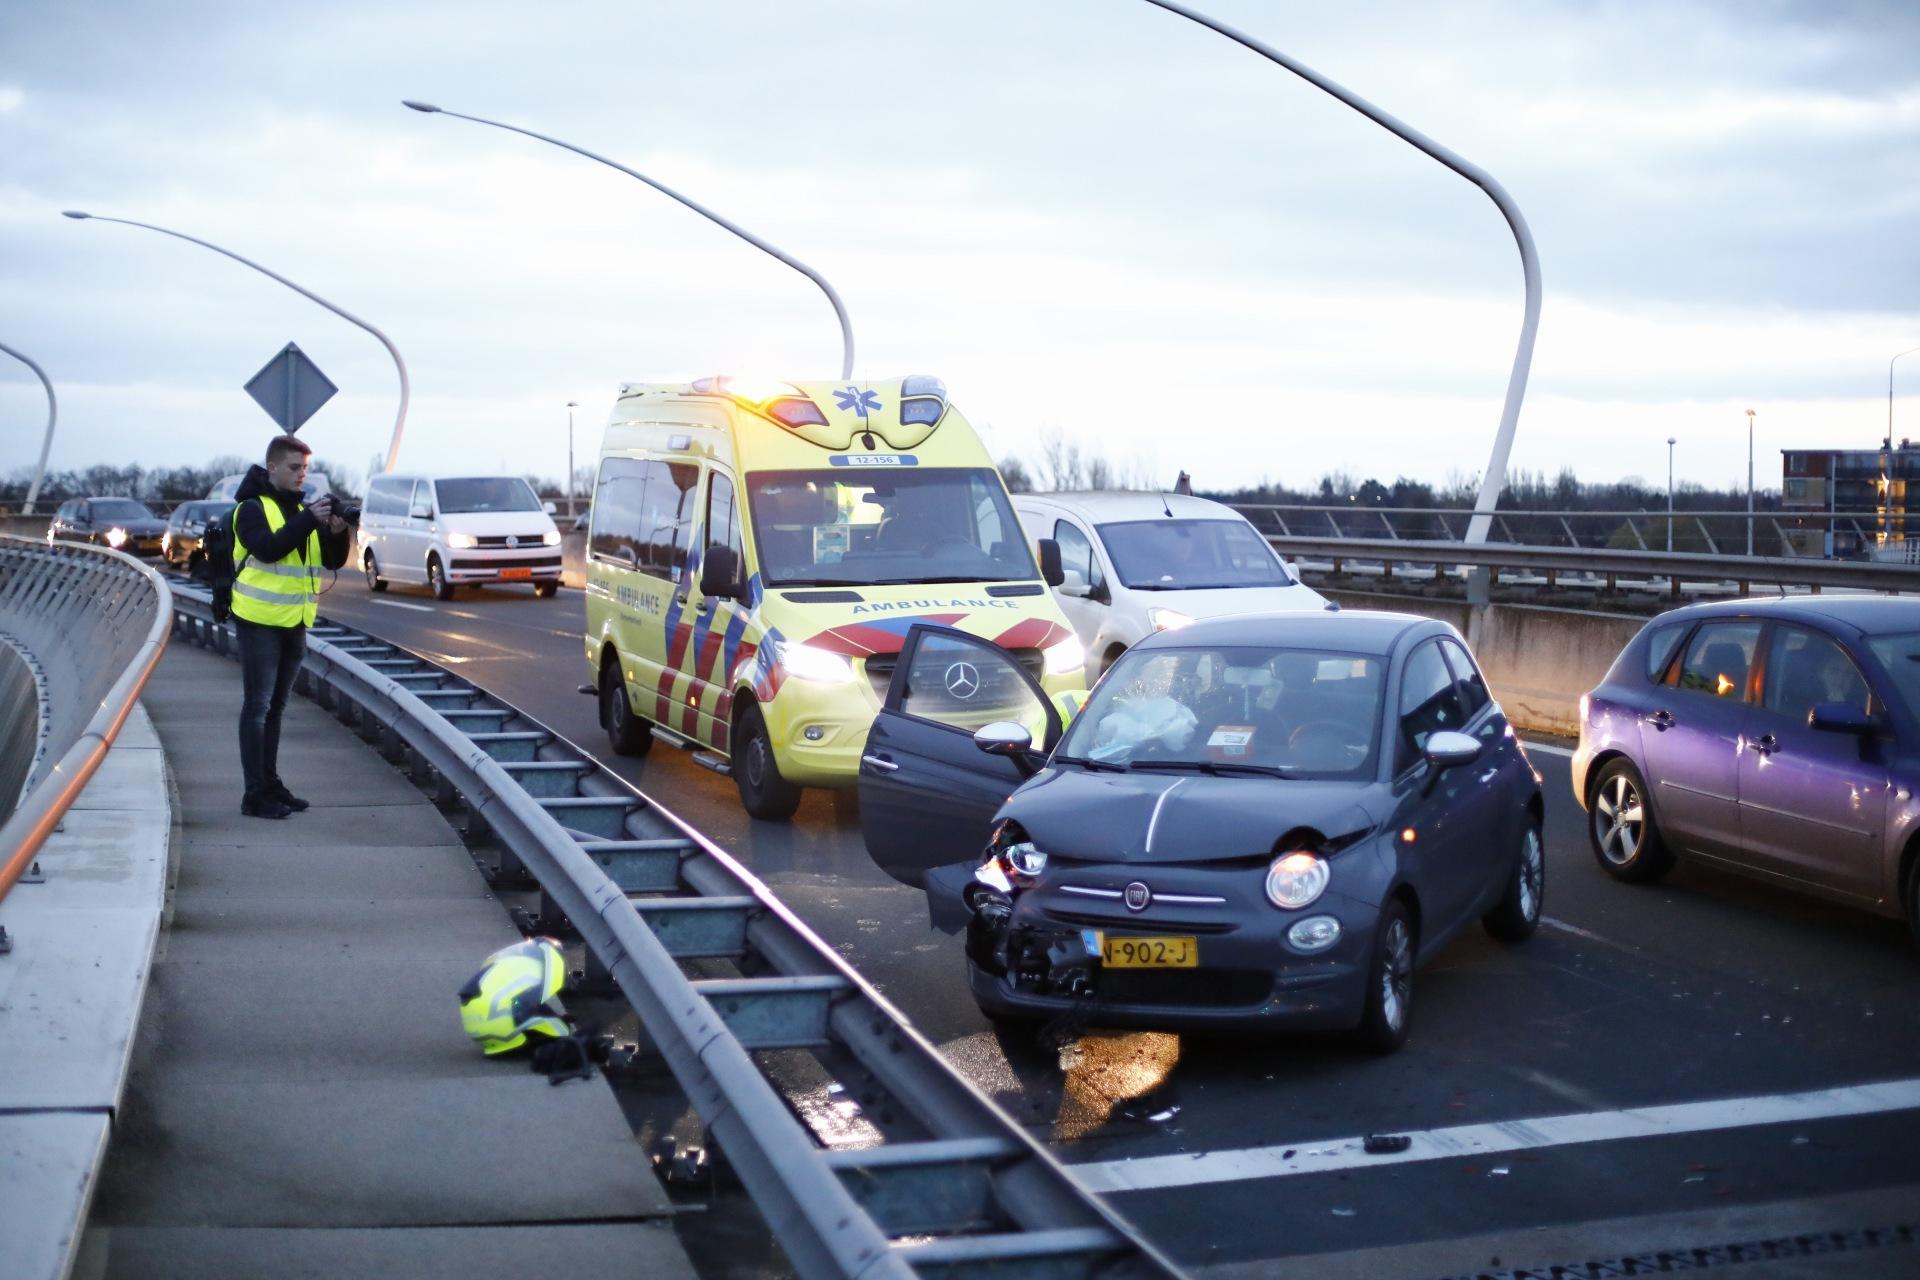 Auto's op elkaar gebotst in Haarlem; vrouw gewond naar ziekenhuis